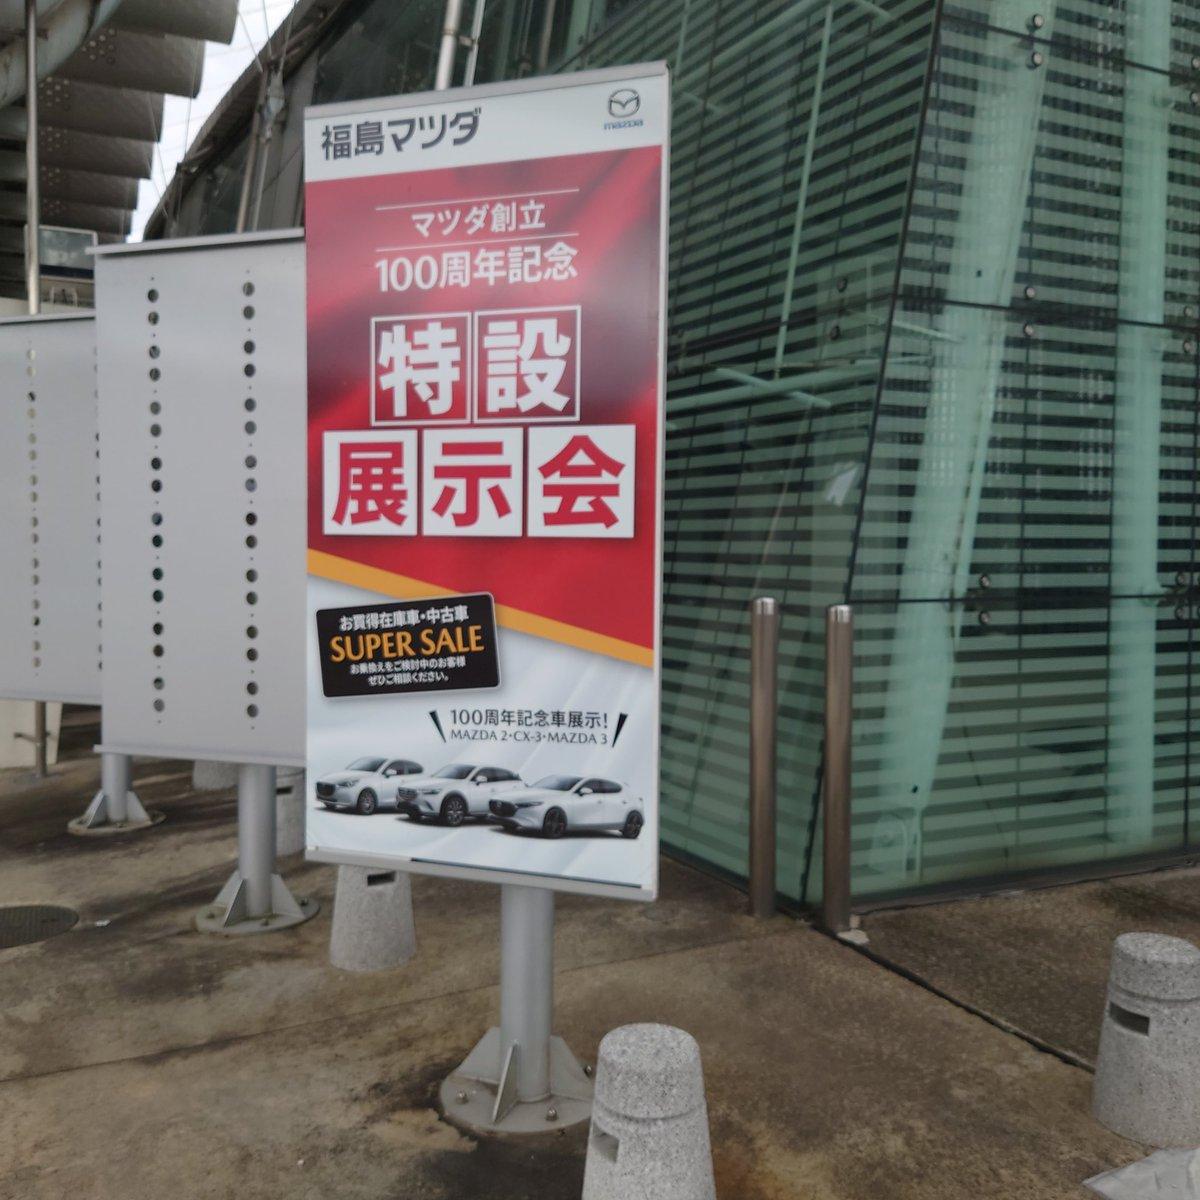 test ツイッターメディア - 福島マツダの展示会に🚗  コスモスポーツを 広島の本社から借りてきたそうです。 初めて生で観ましたがカッコいい。  作家用の車の見積もりもらいました😱  #福島マツダ #コスモスポーツ #ロータリーエンジン #マツダ #MAZDA  #ビッグパレットふくしま https://t.co/6yjuhhUpsF